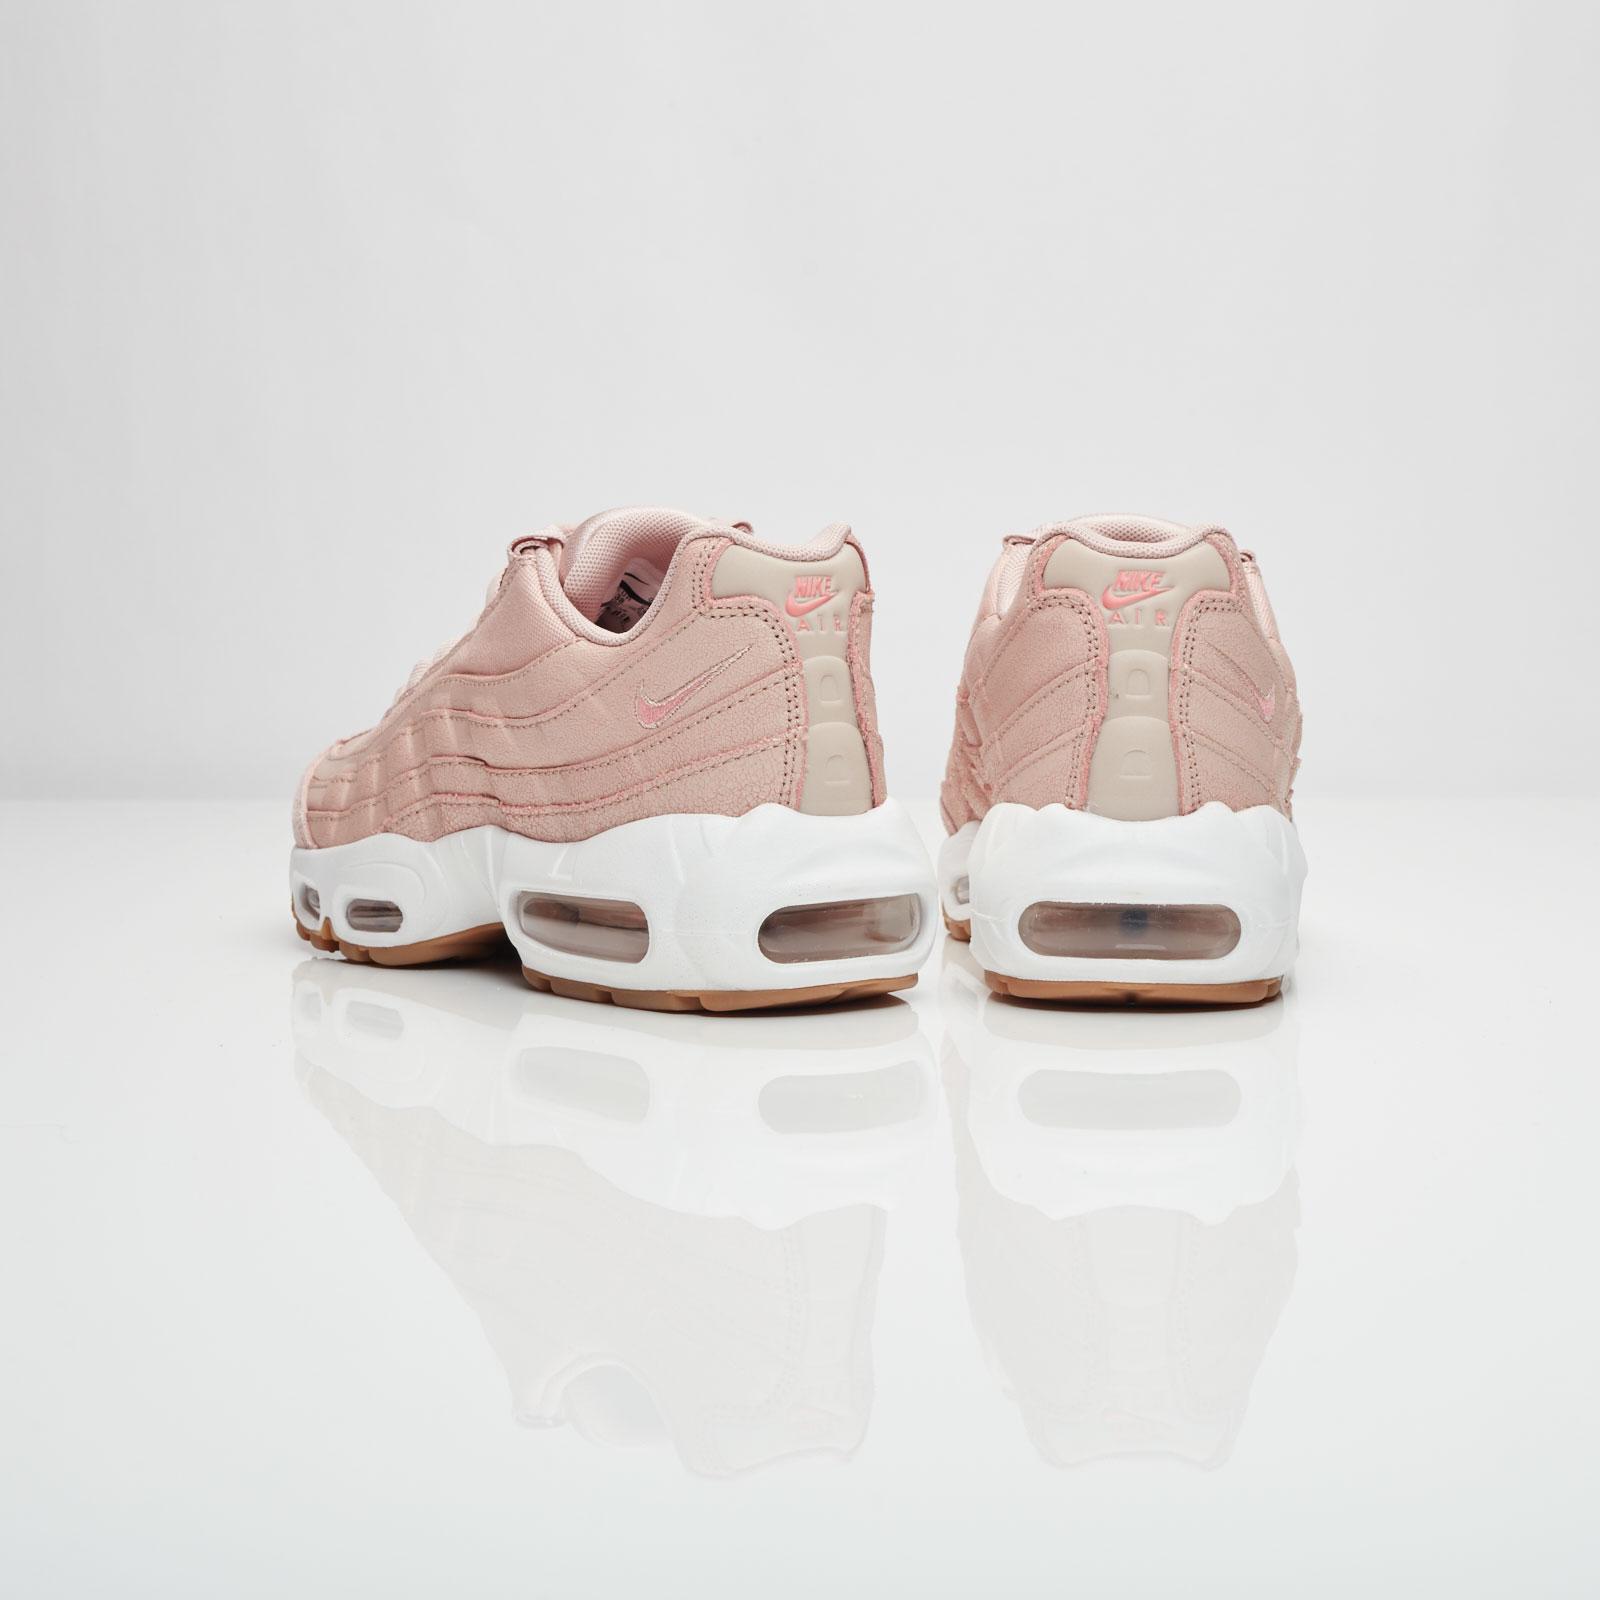 d39495166 Nike Wmns Air Max 95 Premium - 807443-600 - Sneakersnstuff | sneakers &  streetwear online since 1999